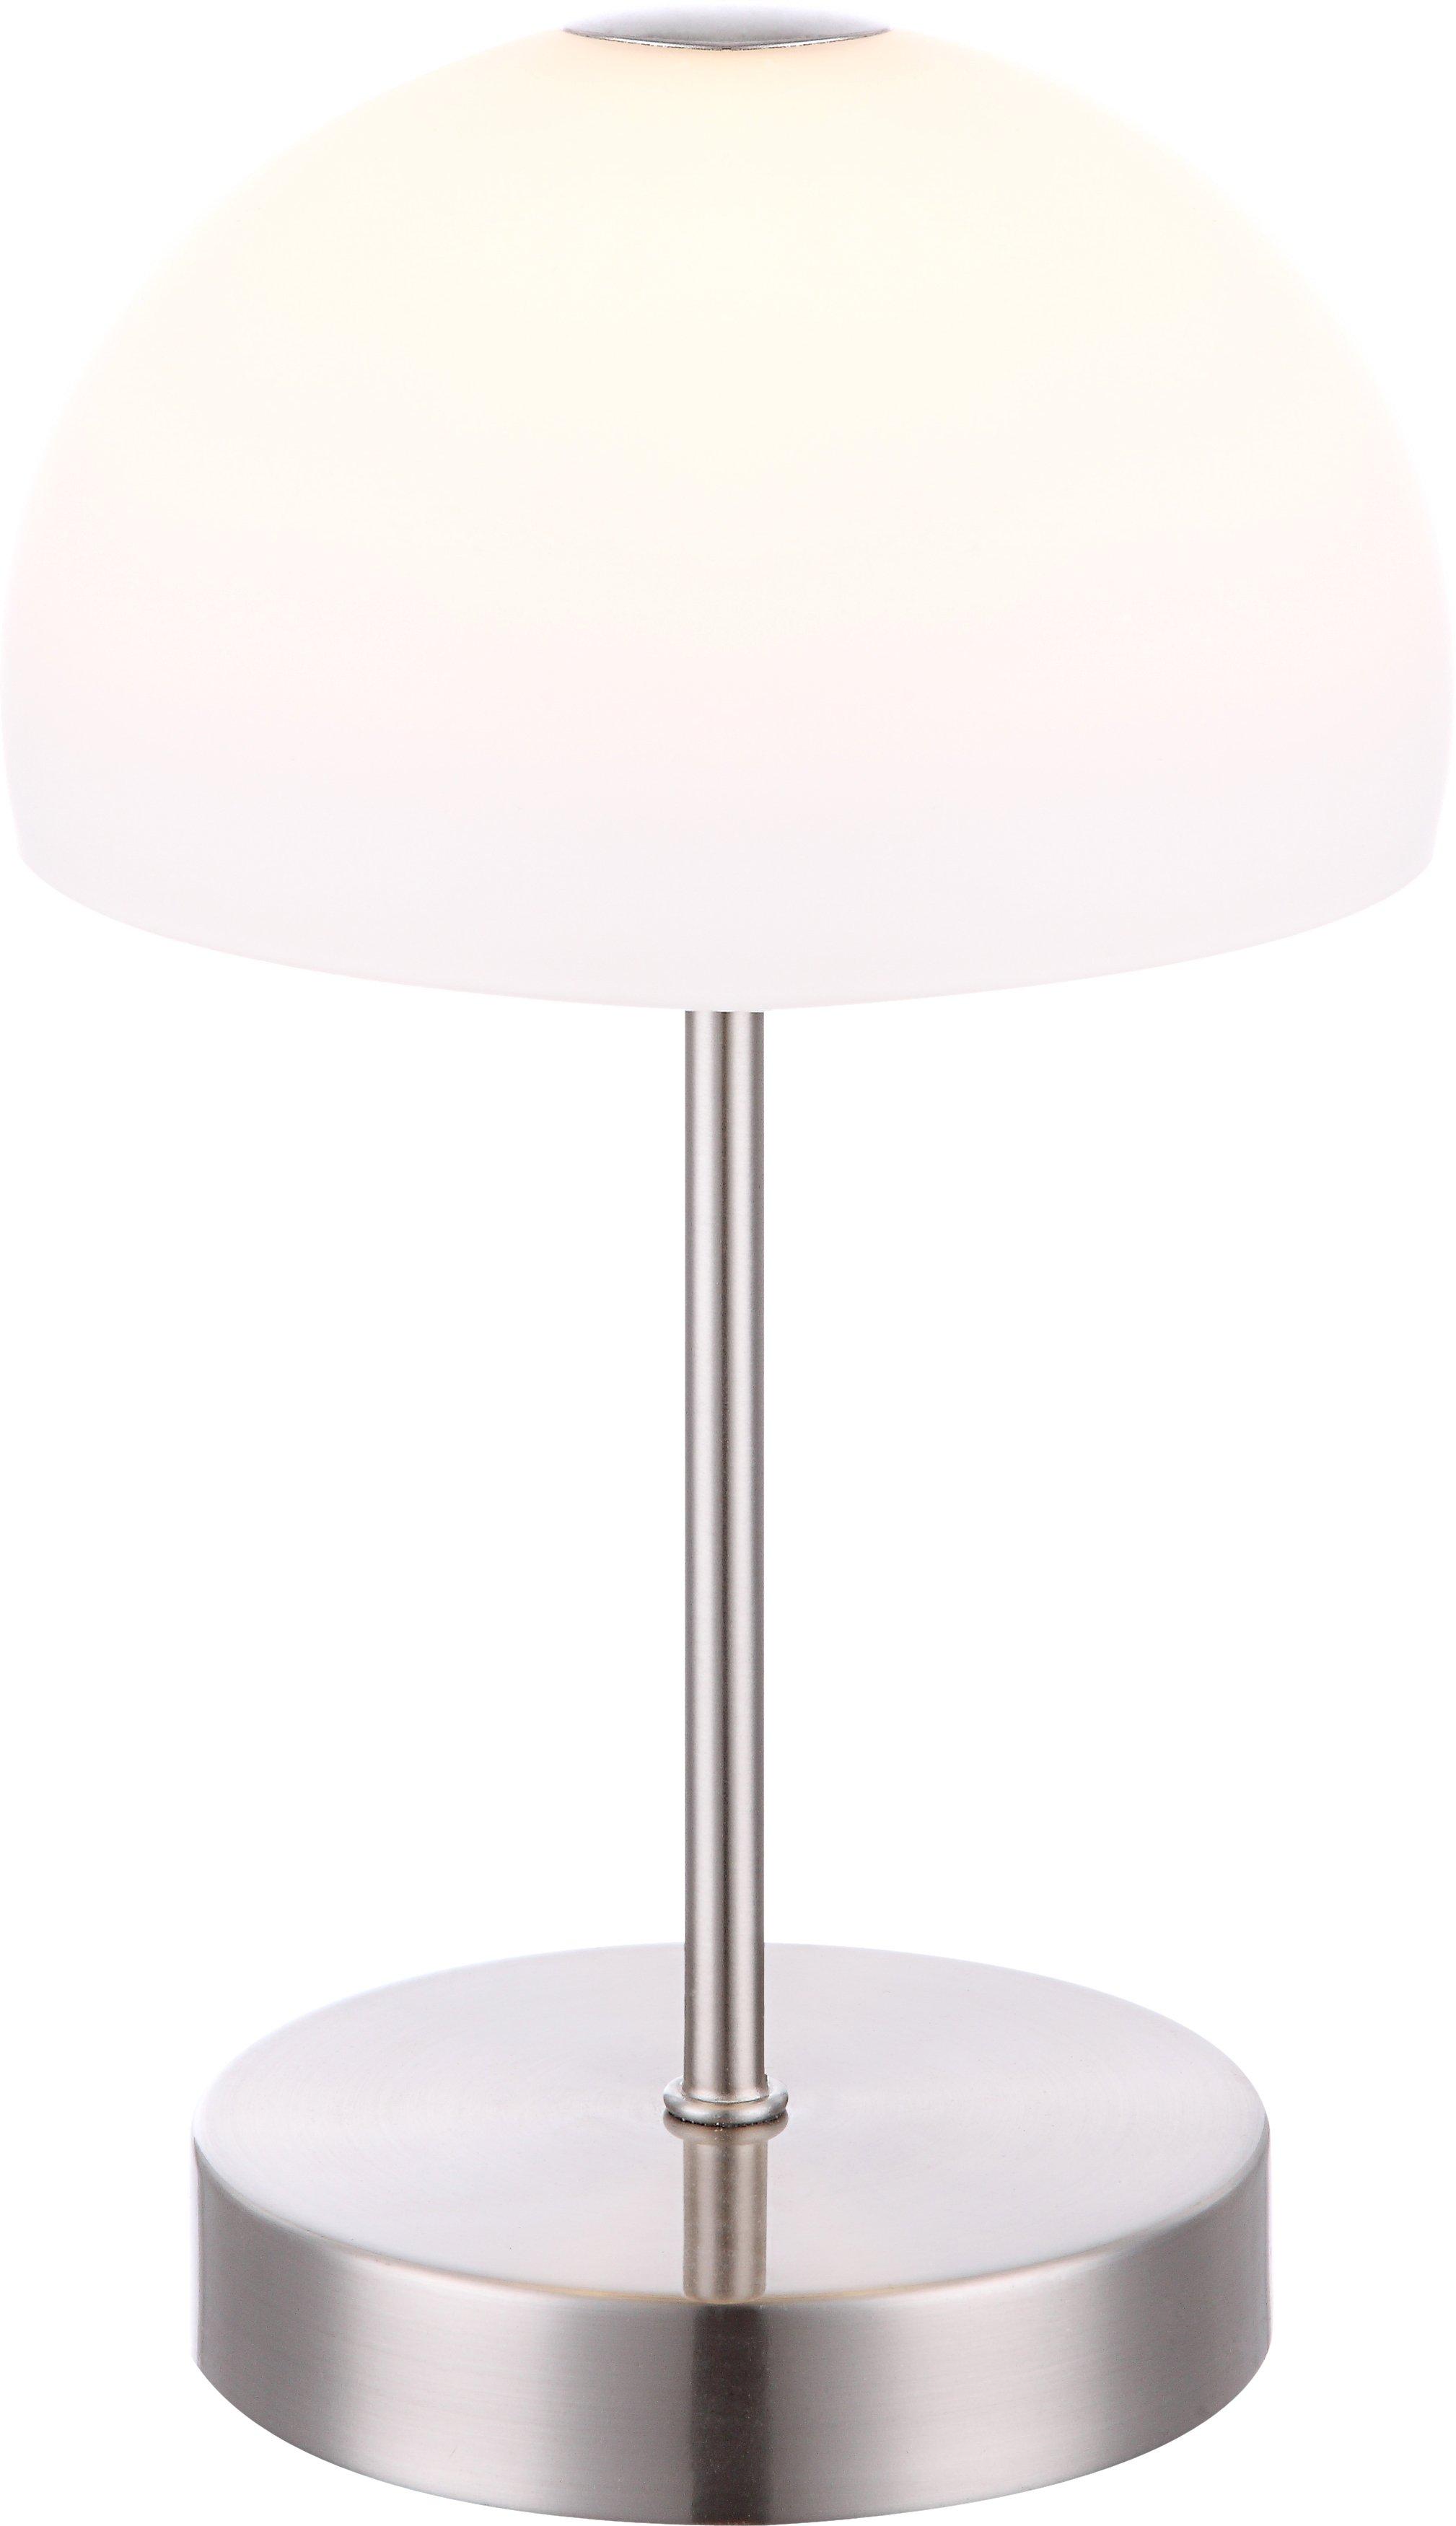 Tischleuchte H27 D15_Metall, Weiß